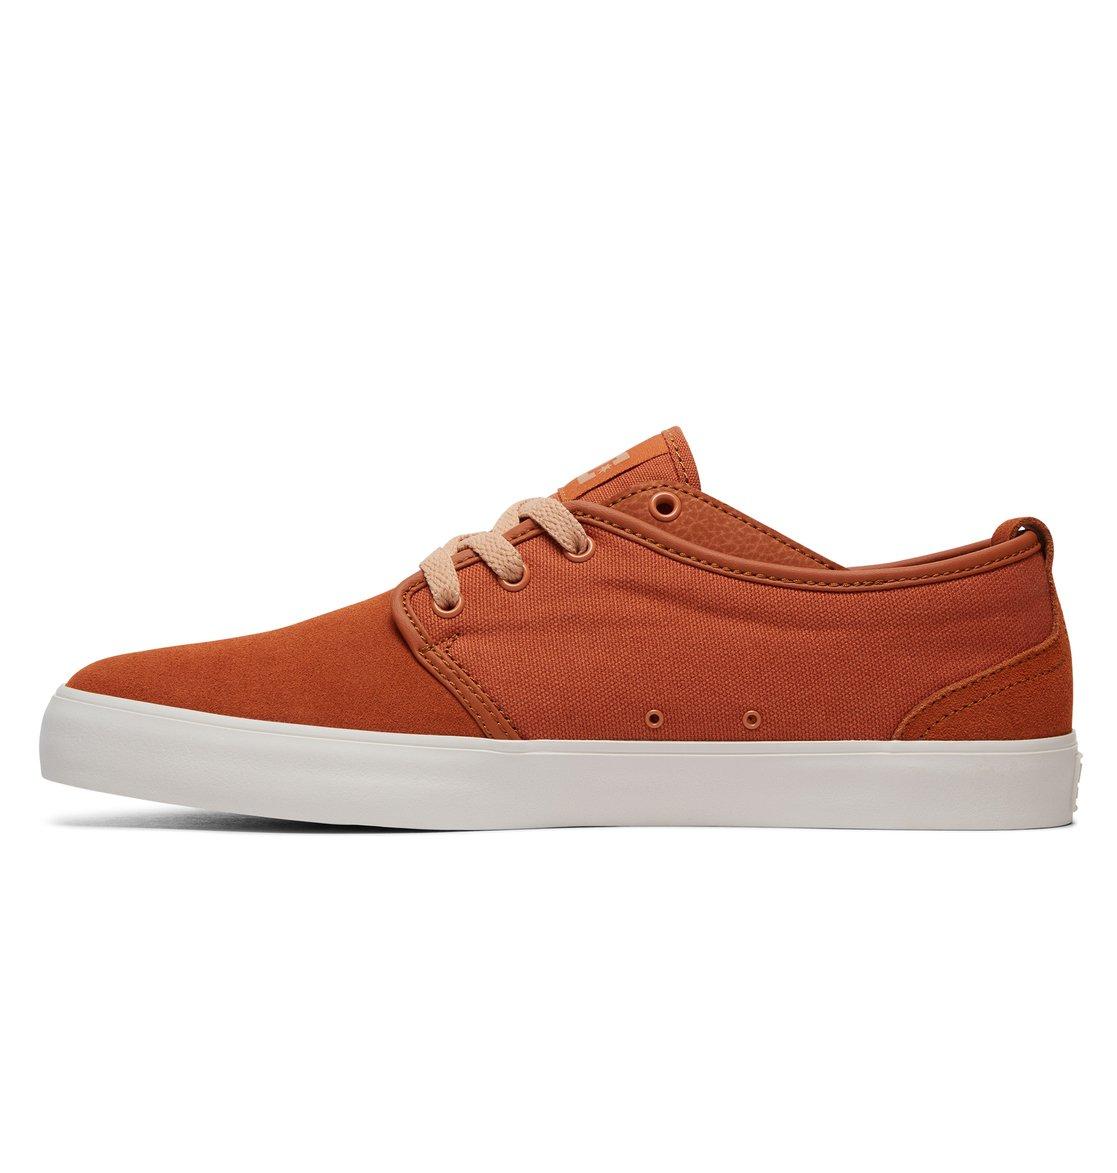 DC Shoes Studio 2 LE - Shoes - Zapatos - Hombre - EU 43